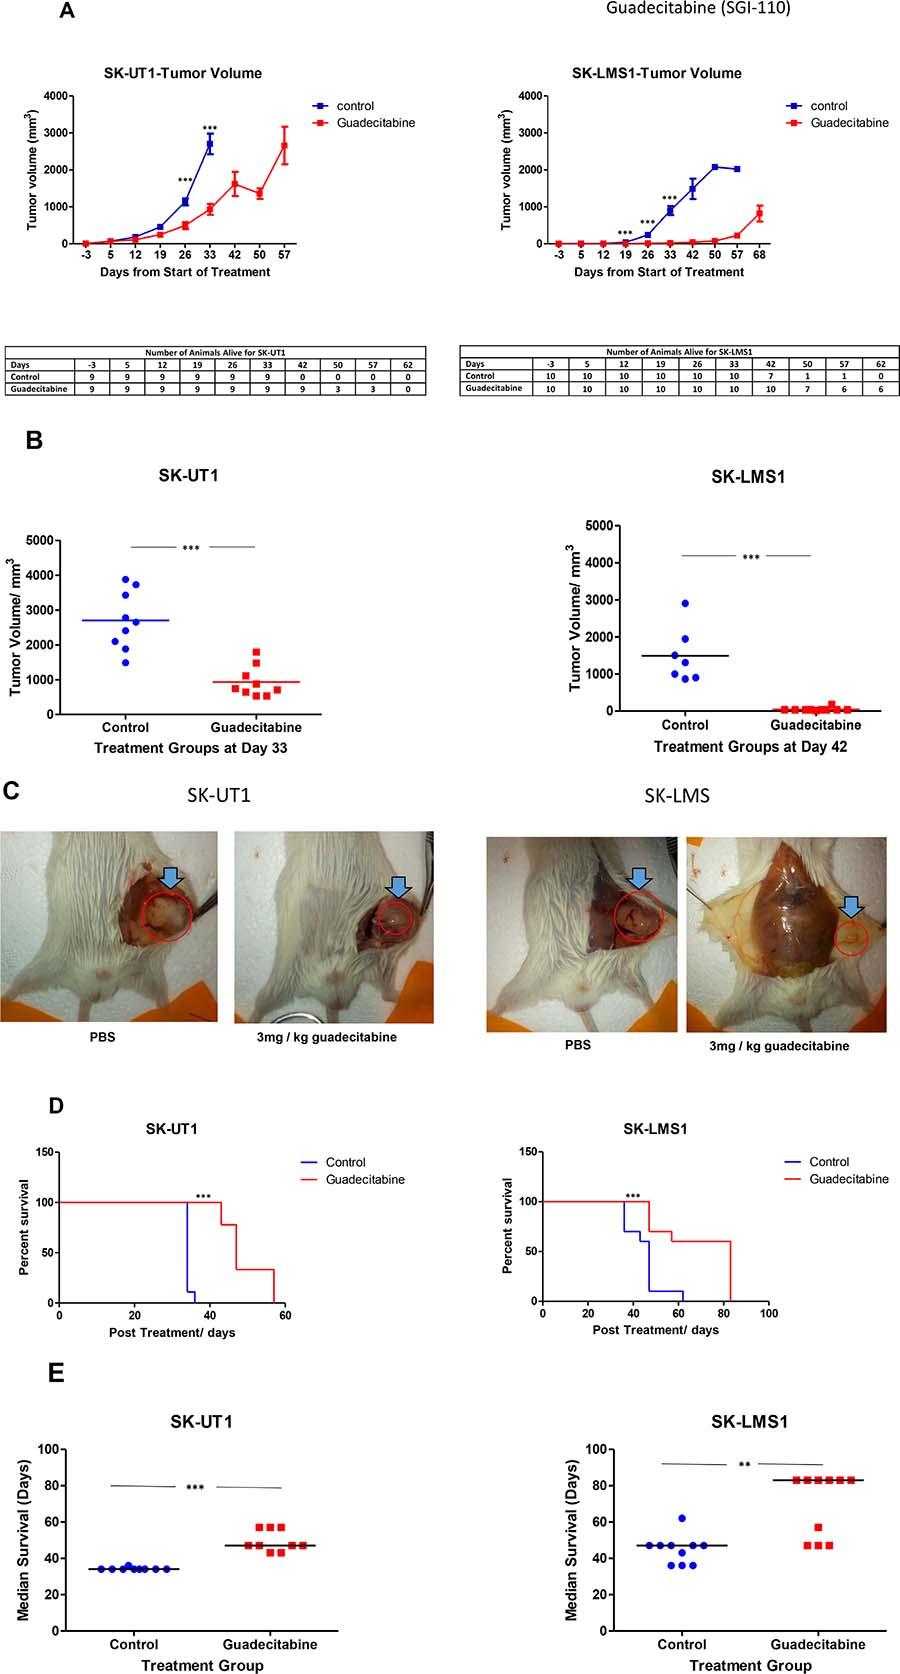 Decrease in tumor volume with Guadecitabine in xenograft model.